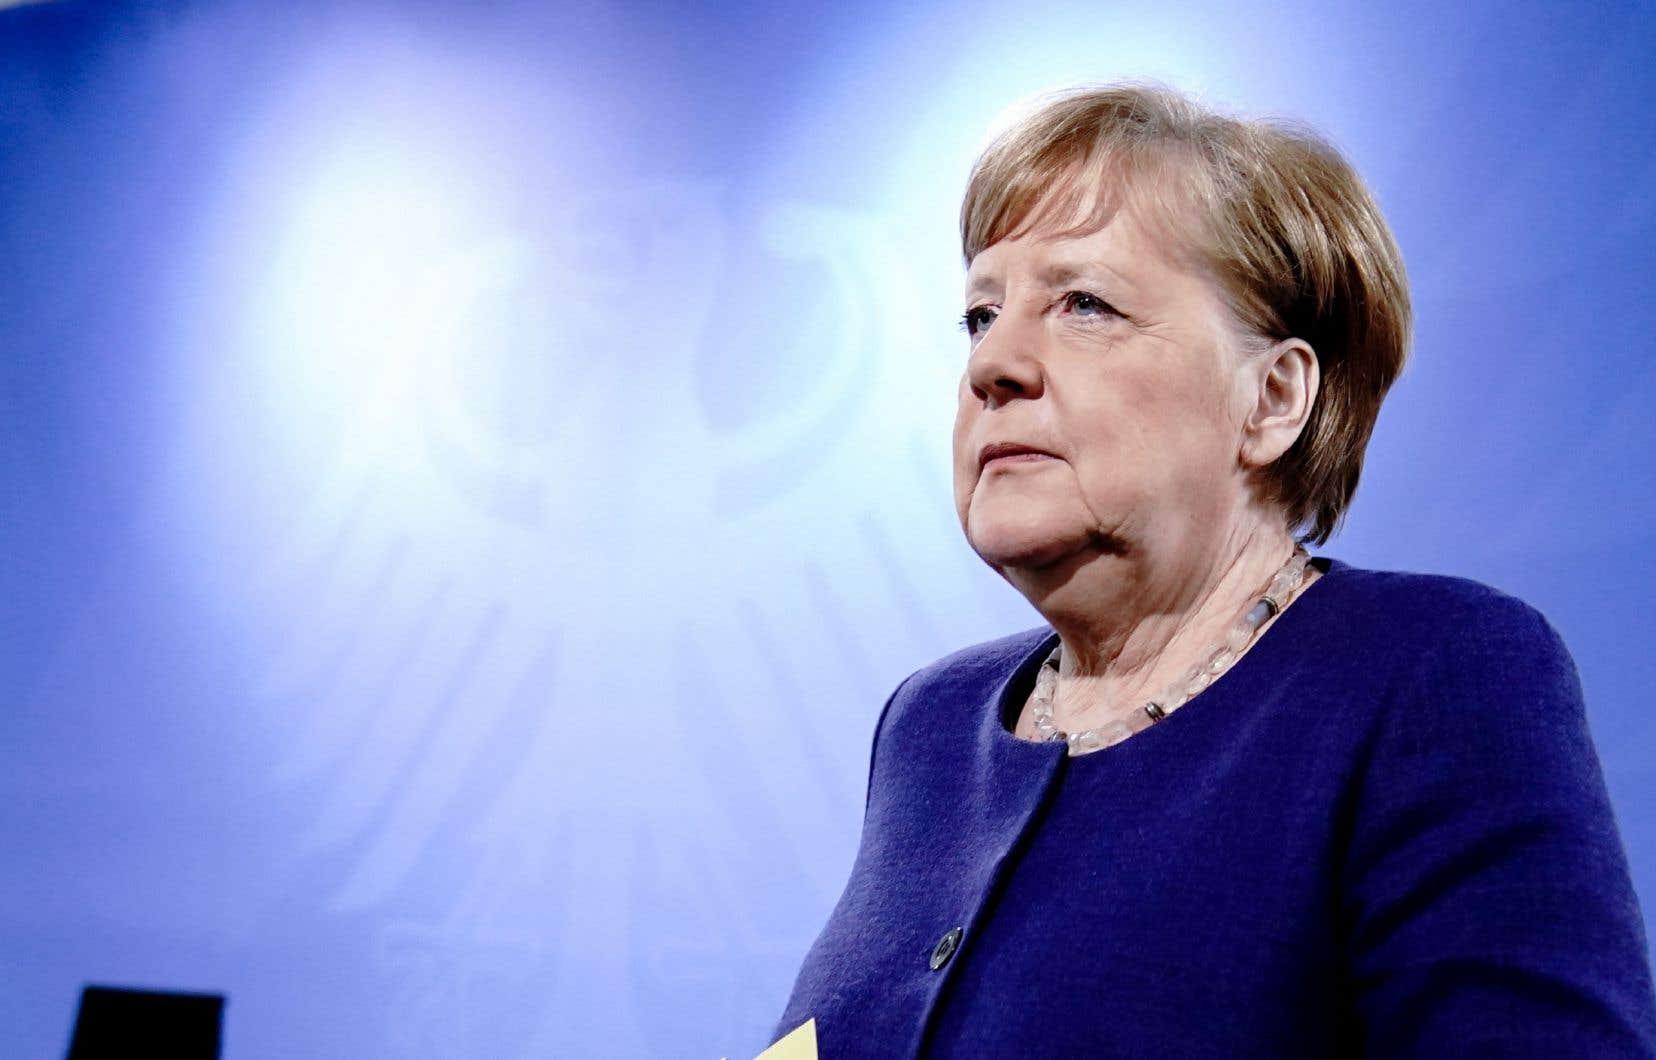 La pandémie a redonné à la chancelière allemande une popularité qu'on ne lui avait pas connue depuis longtemps.<br />